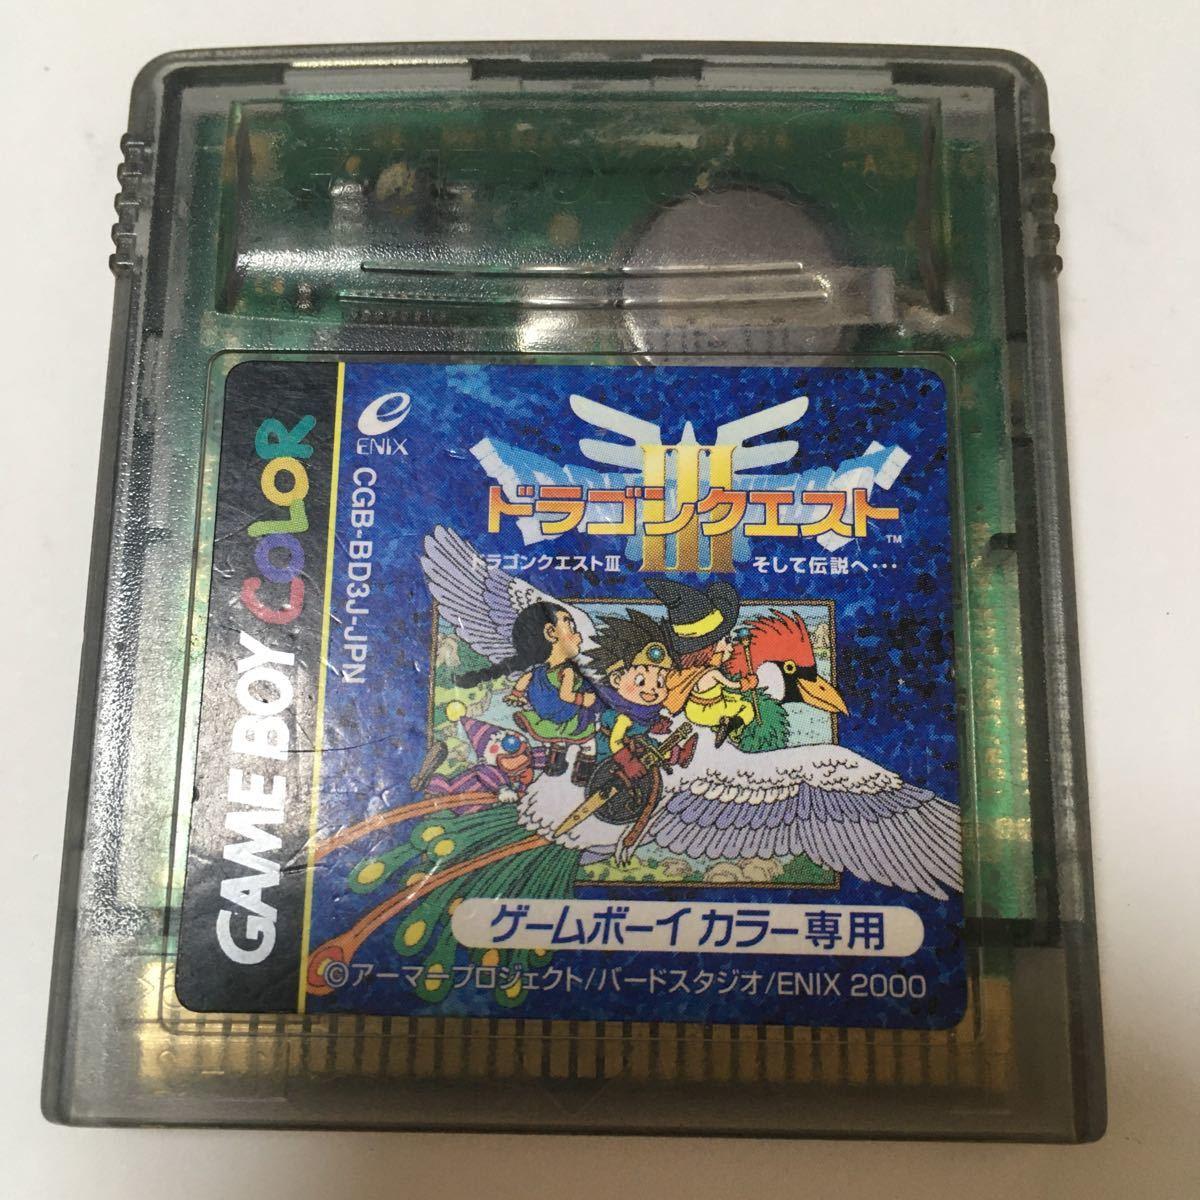 ゲームボーイカラー ドラゴンクエスト3 そして伝説へ 動作確認済み ドラクエ レトロ 任天堂